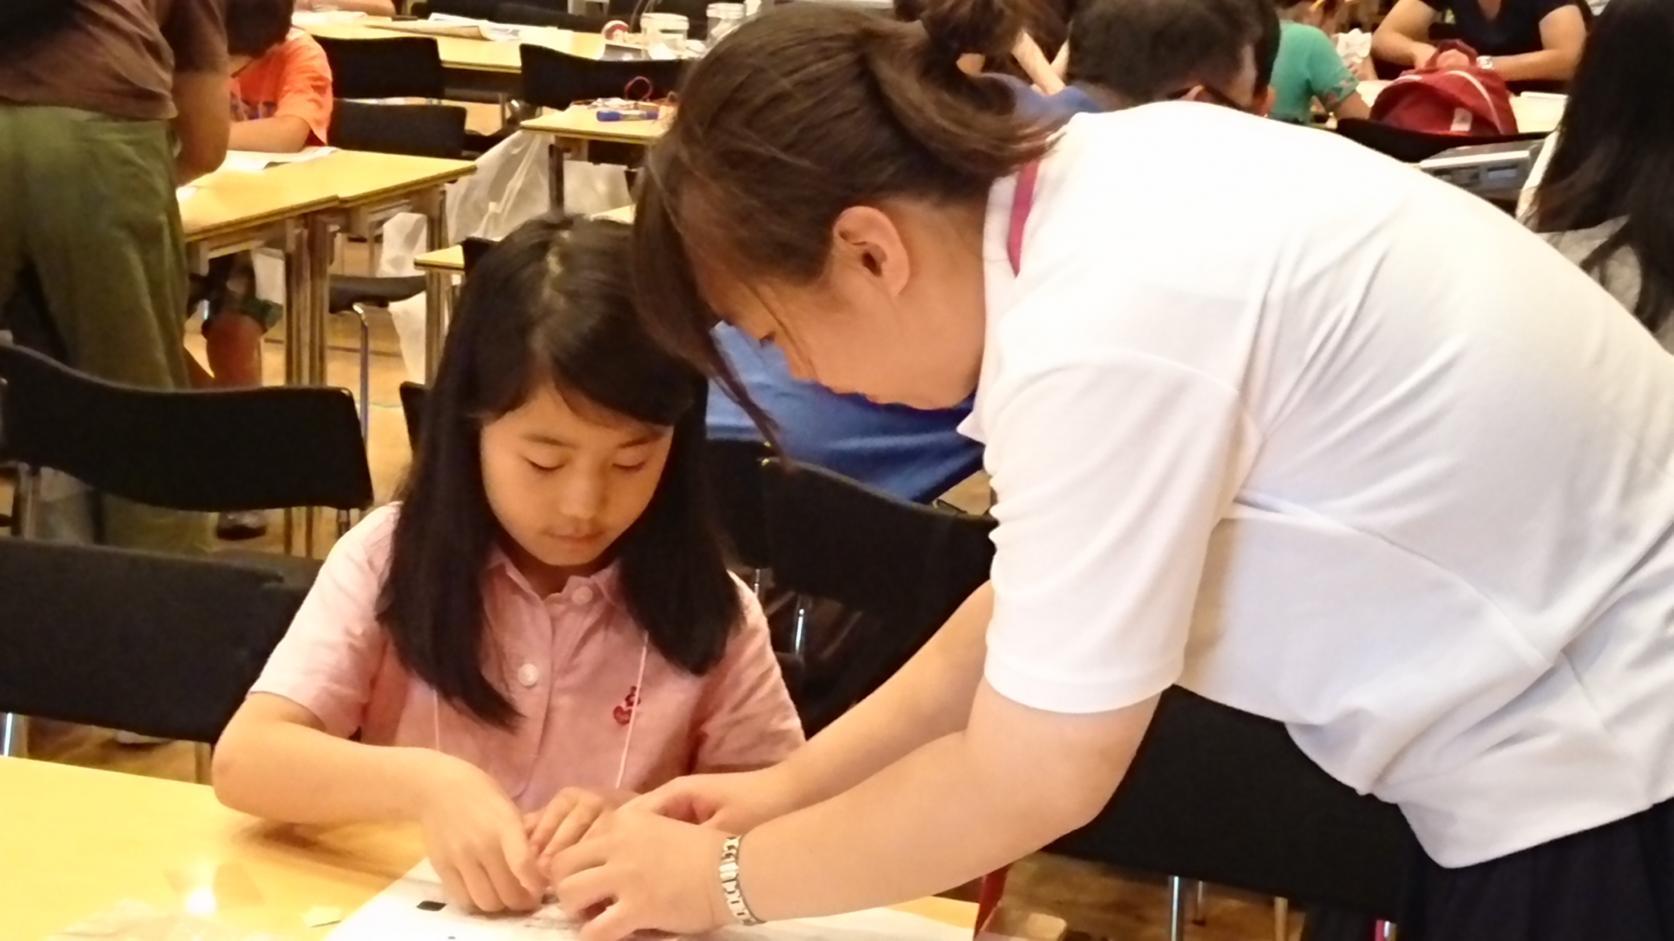 <7月20日(土)開催>「小学生のための夏休み「自由研究」教室 」のWeb申込がスタートしました!!今年も一緒に楽しい夏の思い出を作りましょう!